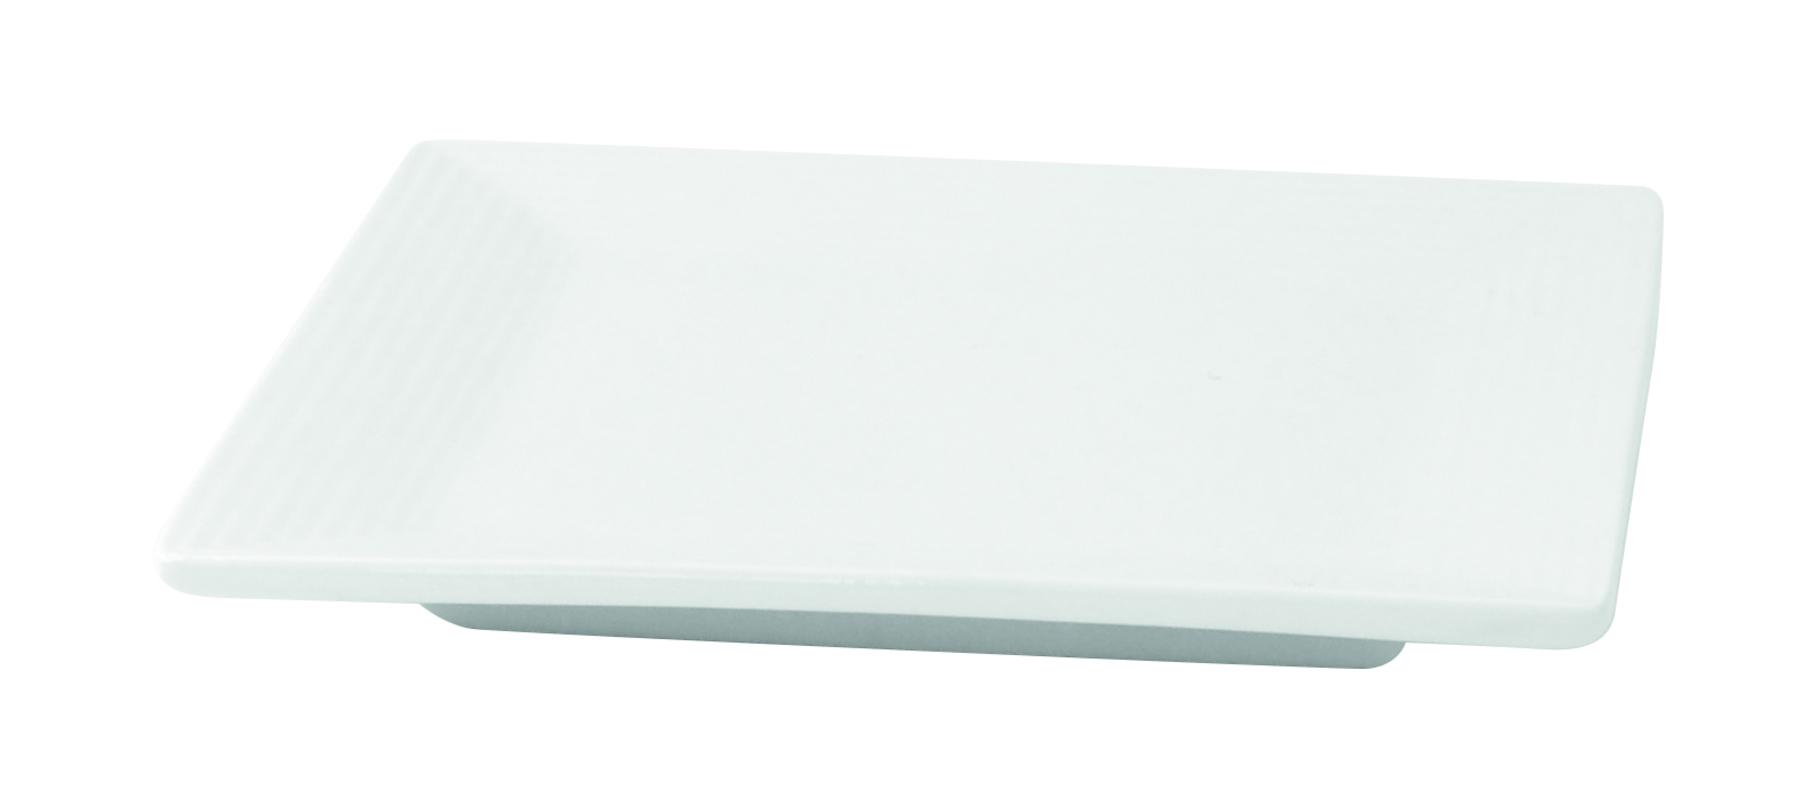 Mini Porcelain Plate - 3.9 x 3.9 x .4 in.